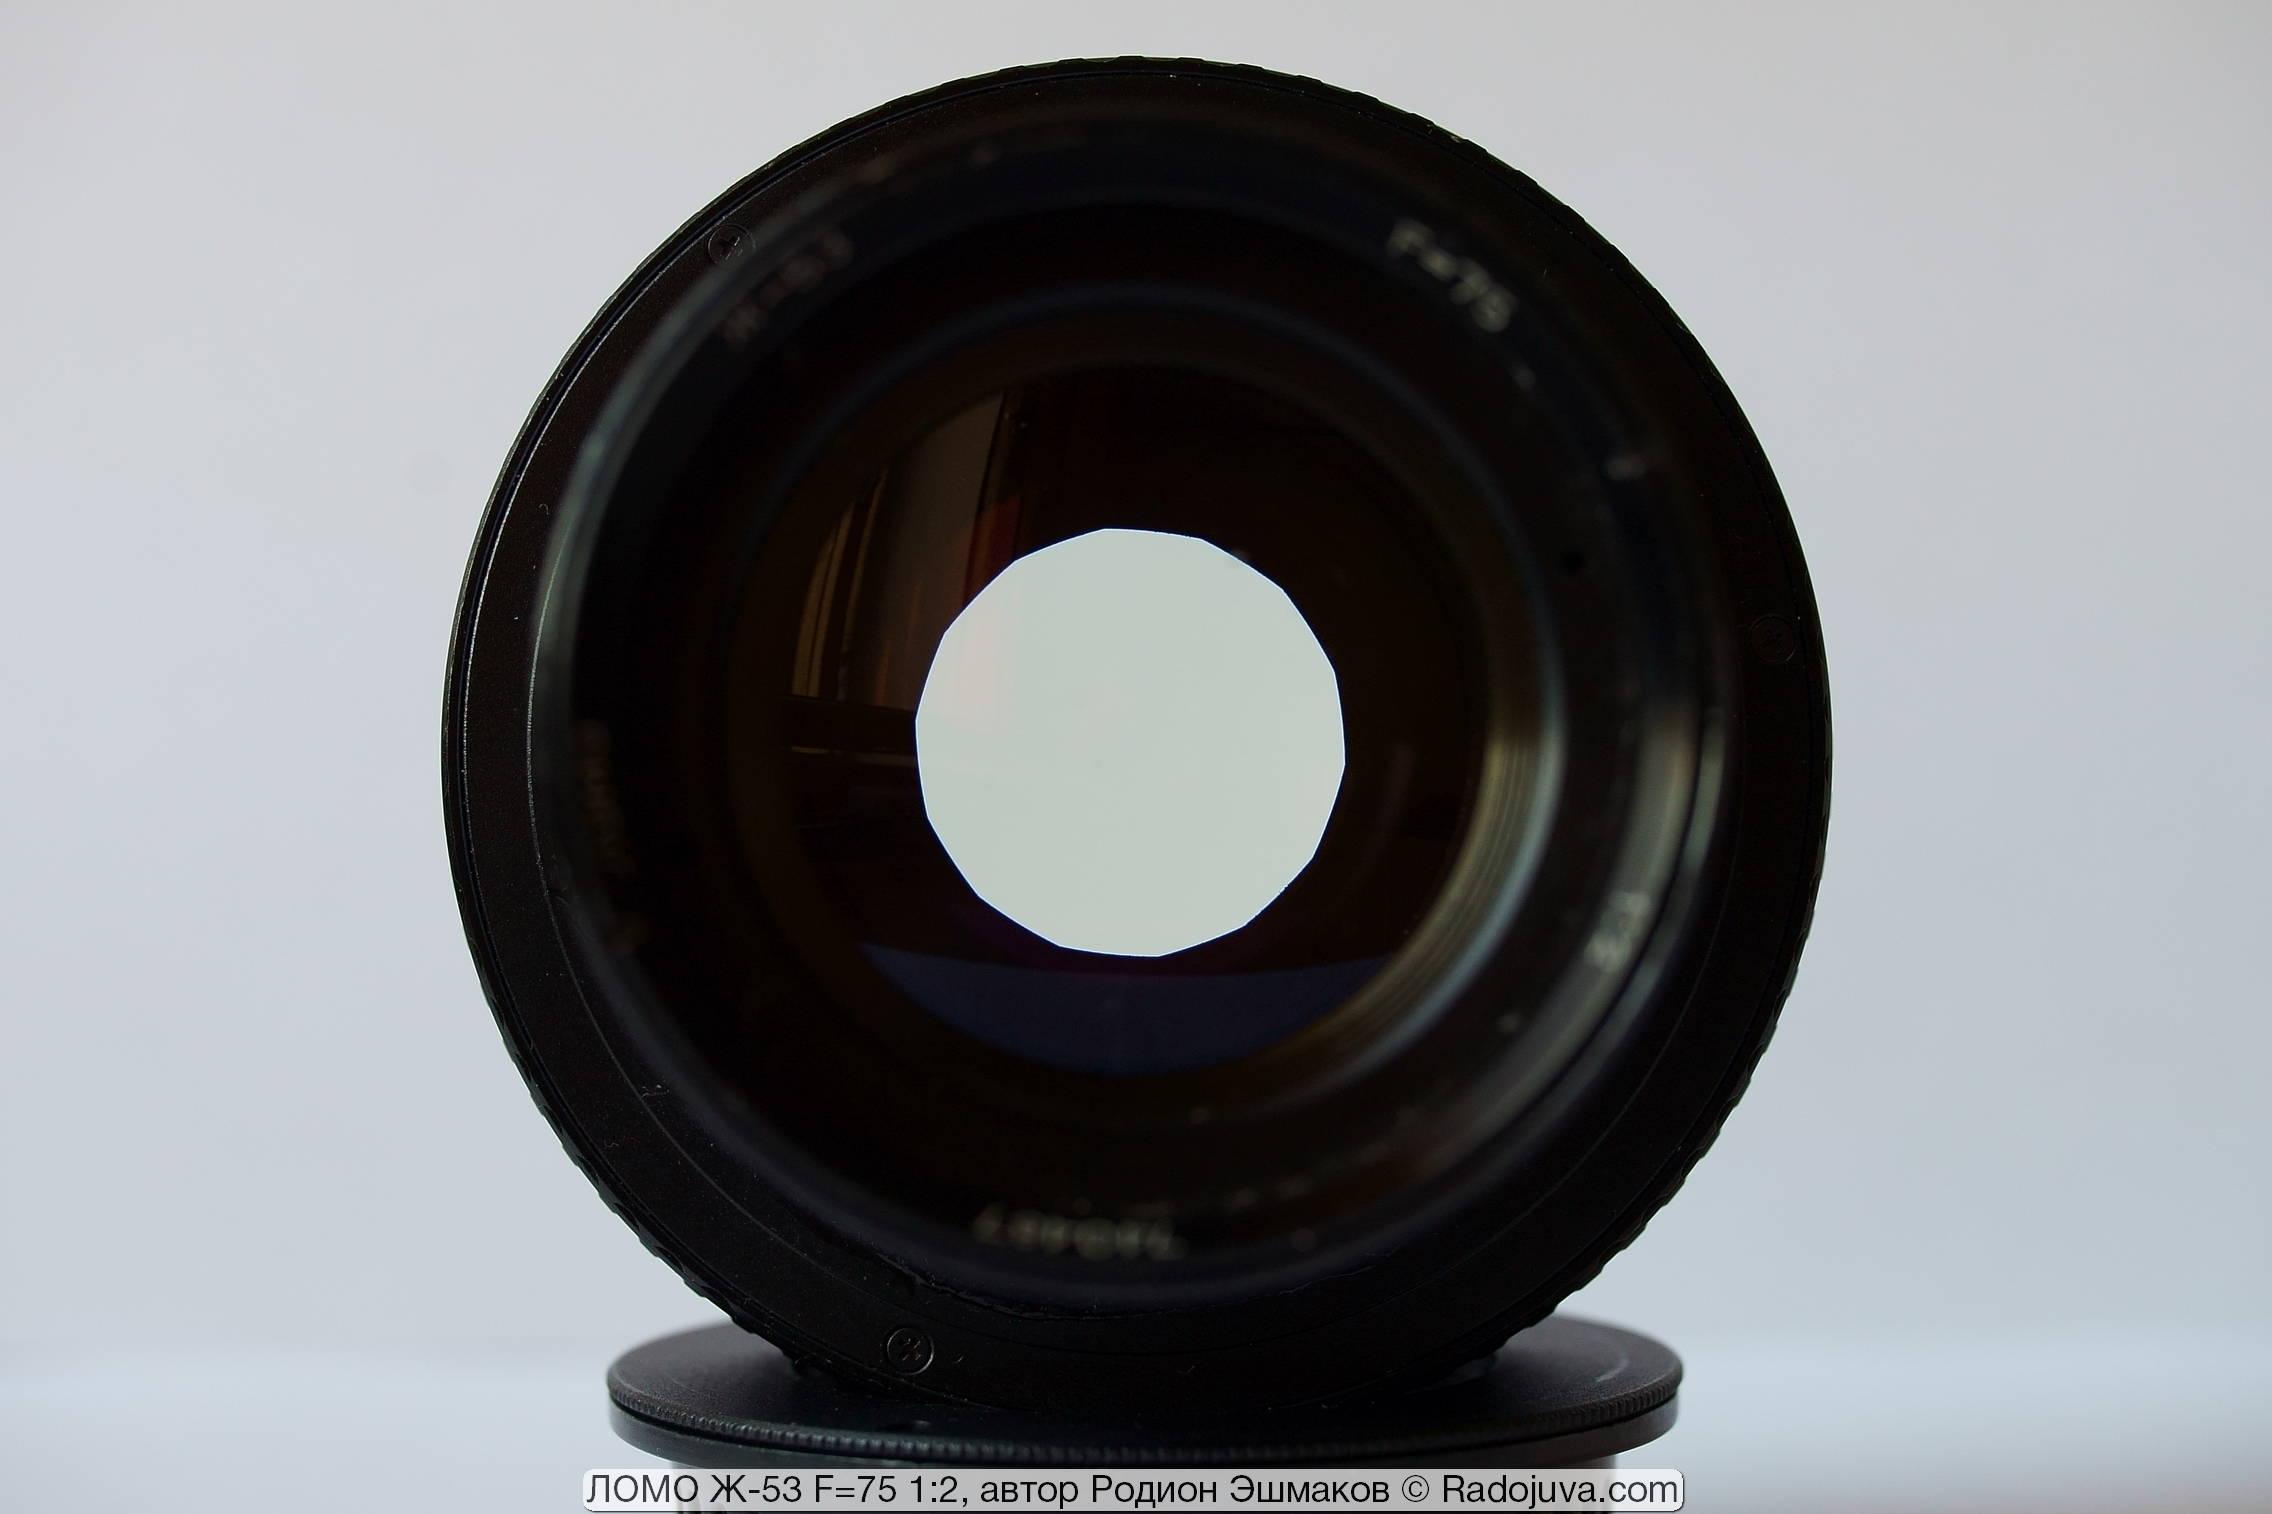 Круглое отверстие прикрытой диафрагмы и легкая желтизна ЛОМО Ж-53.